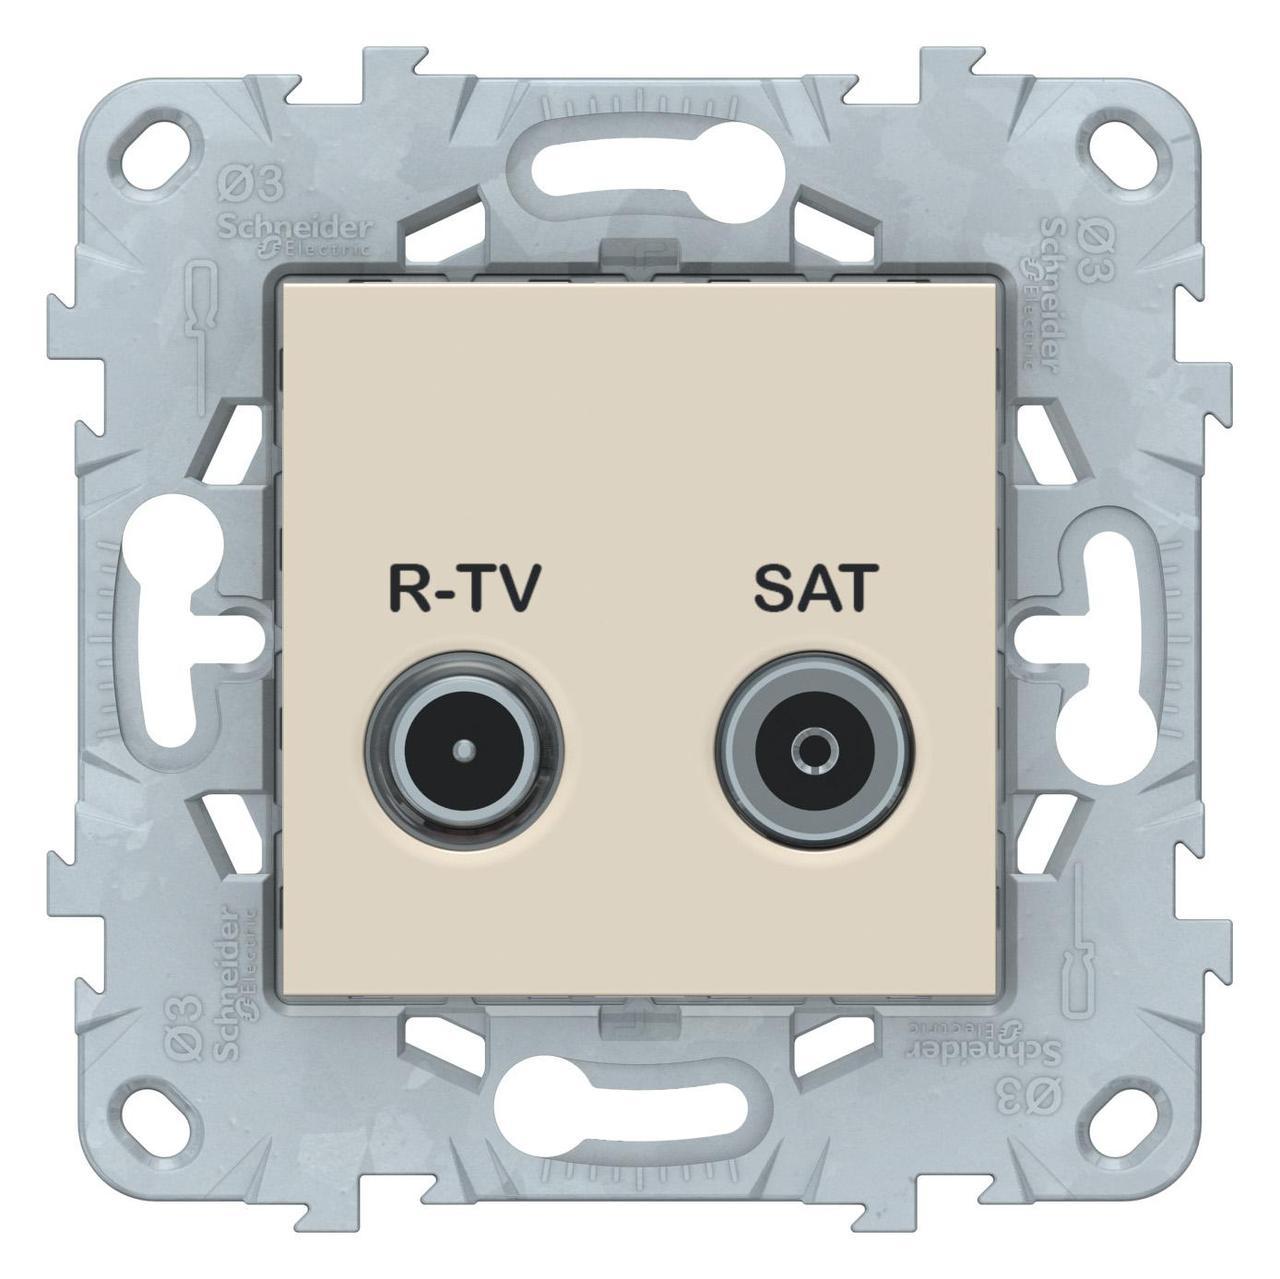 Розетка телевизионная проходная ТV-SAT , Бежевый, серия Unica New, Schneider Electric